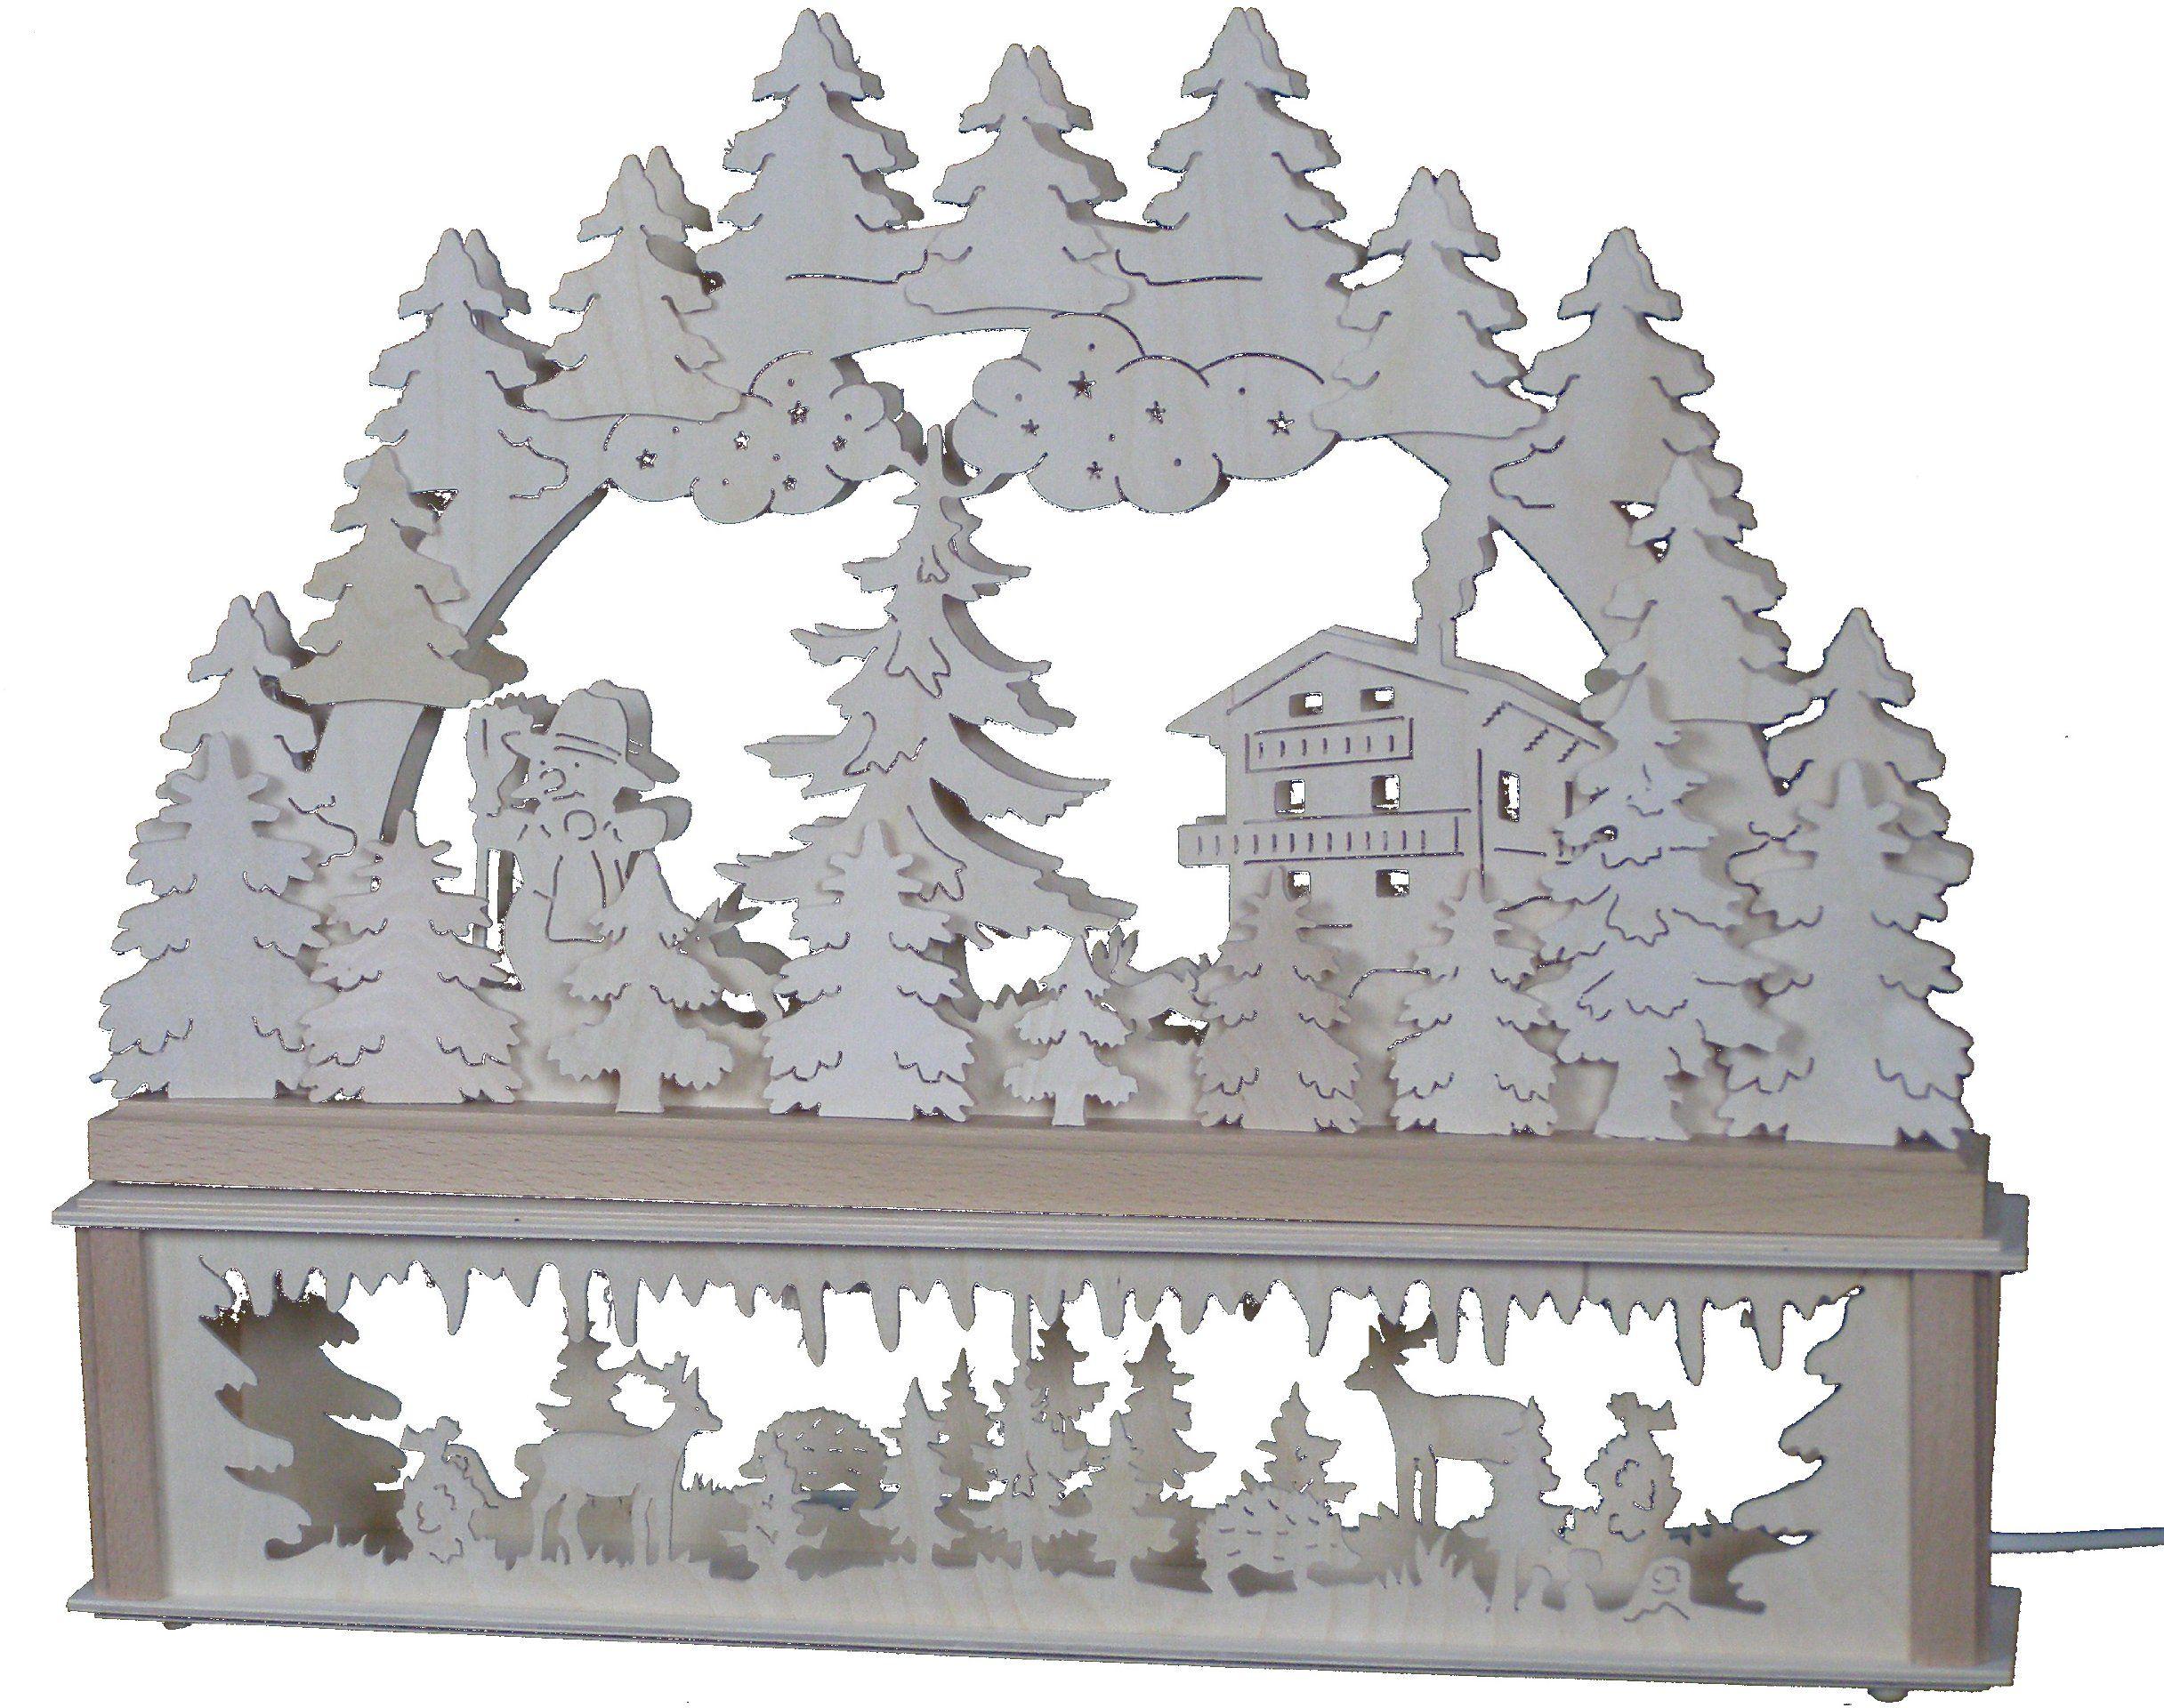 SchwibboLa KB 10-121 Rudawy podwójnie podświetlany świecznik łukowy łącznie z podwyższeniem z certyfikatem, 52 x 42 cm 10-121